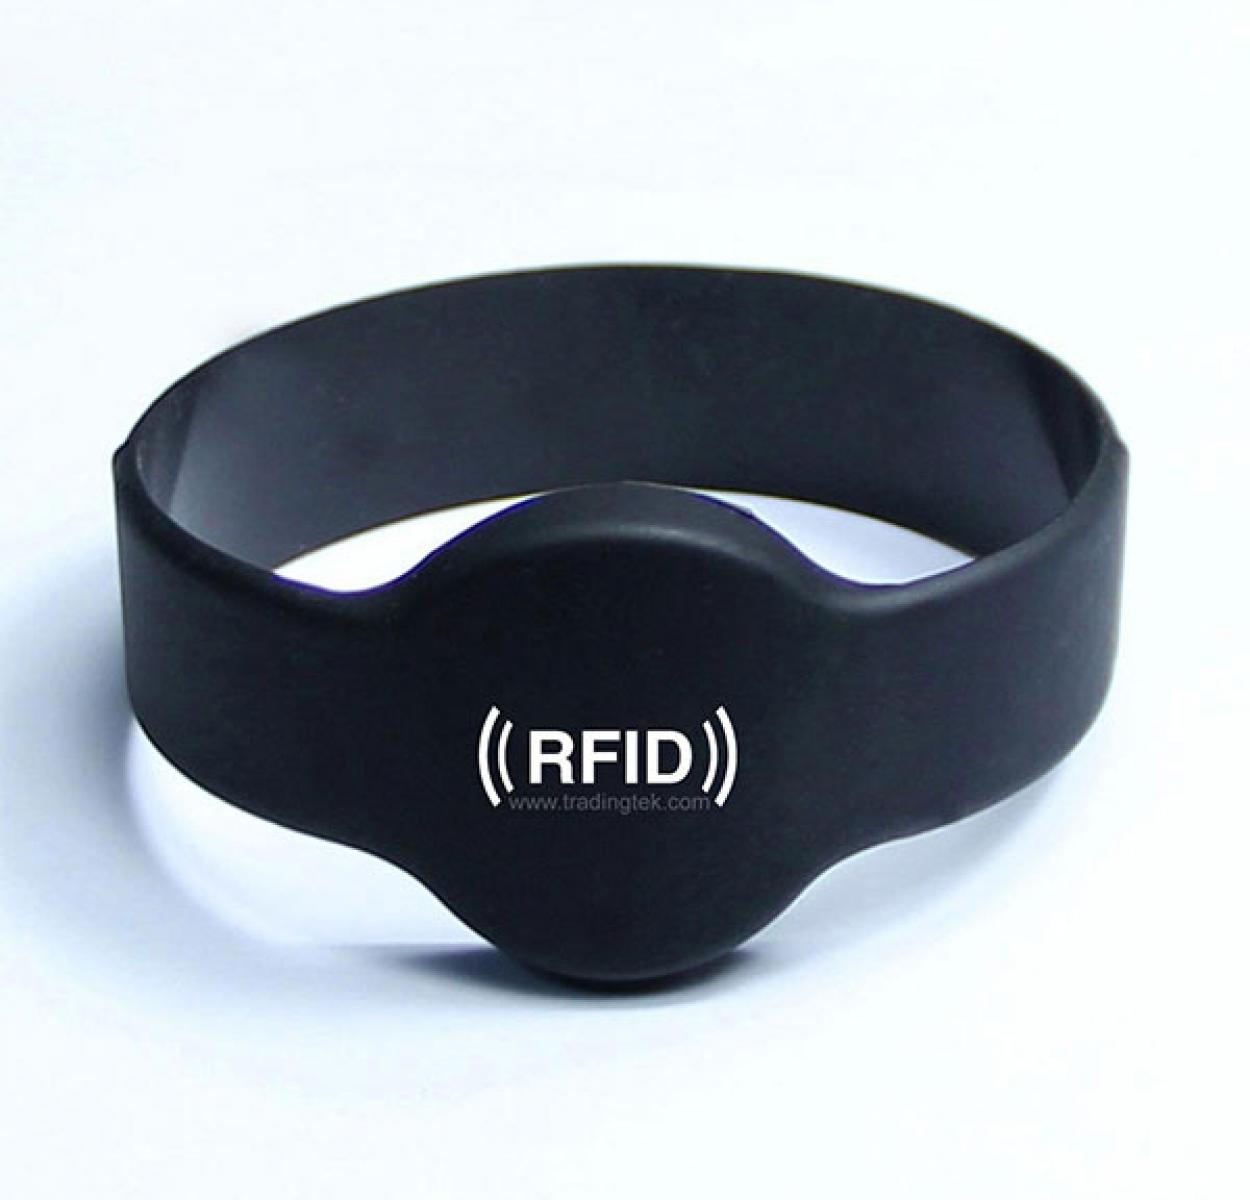 RFID - 1